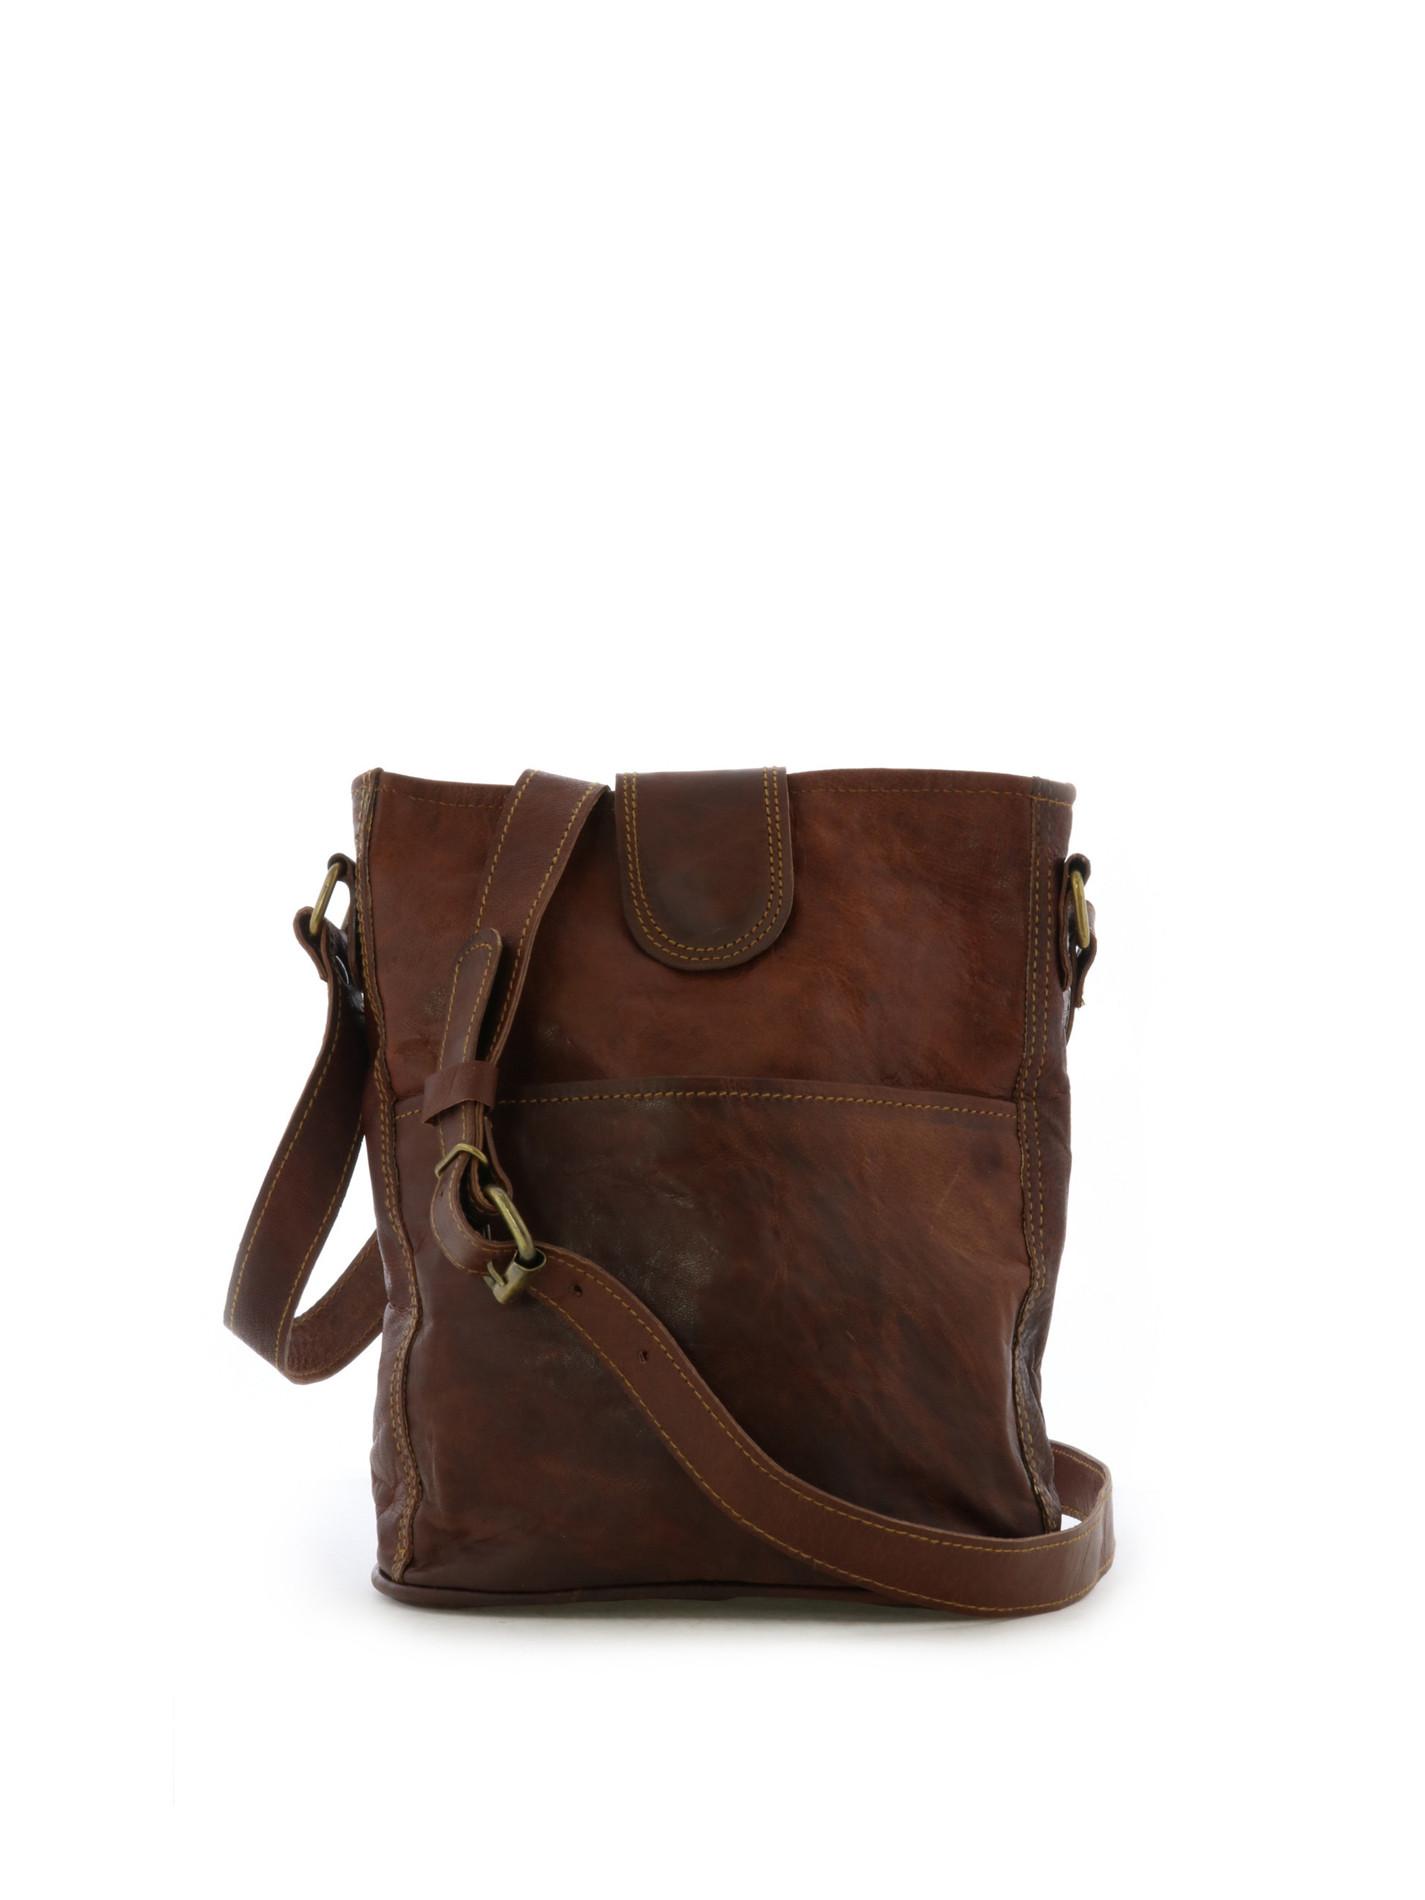 Petit sac bandouillère - Tan